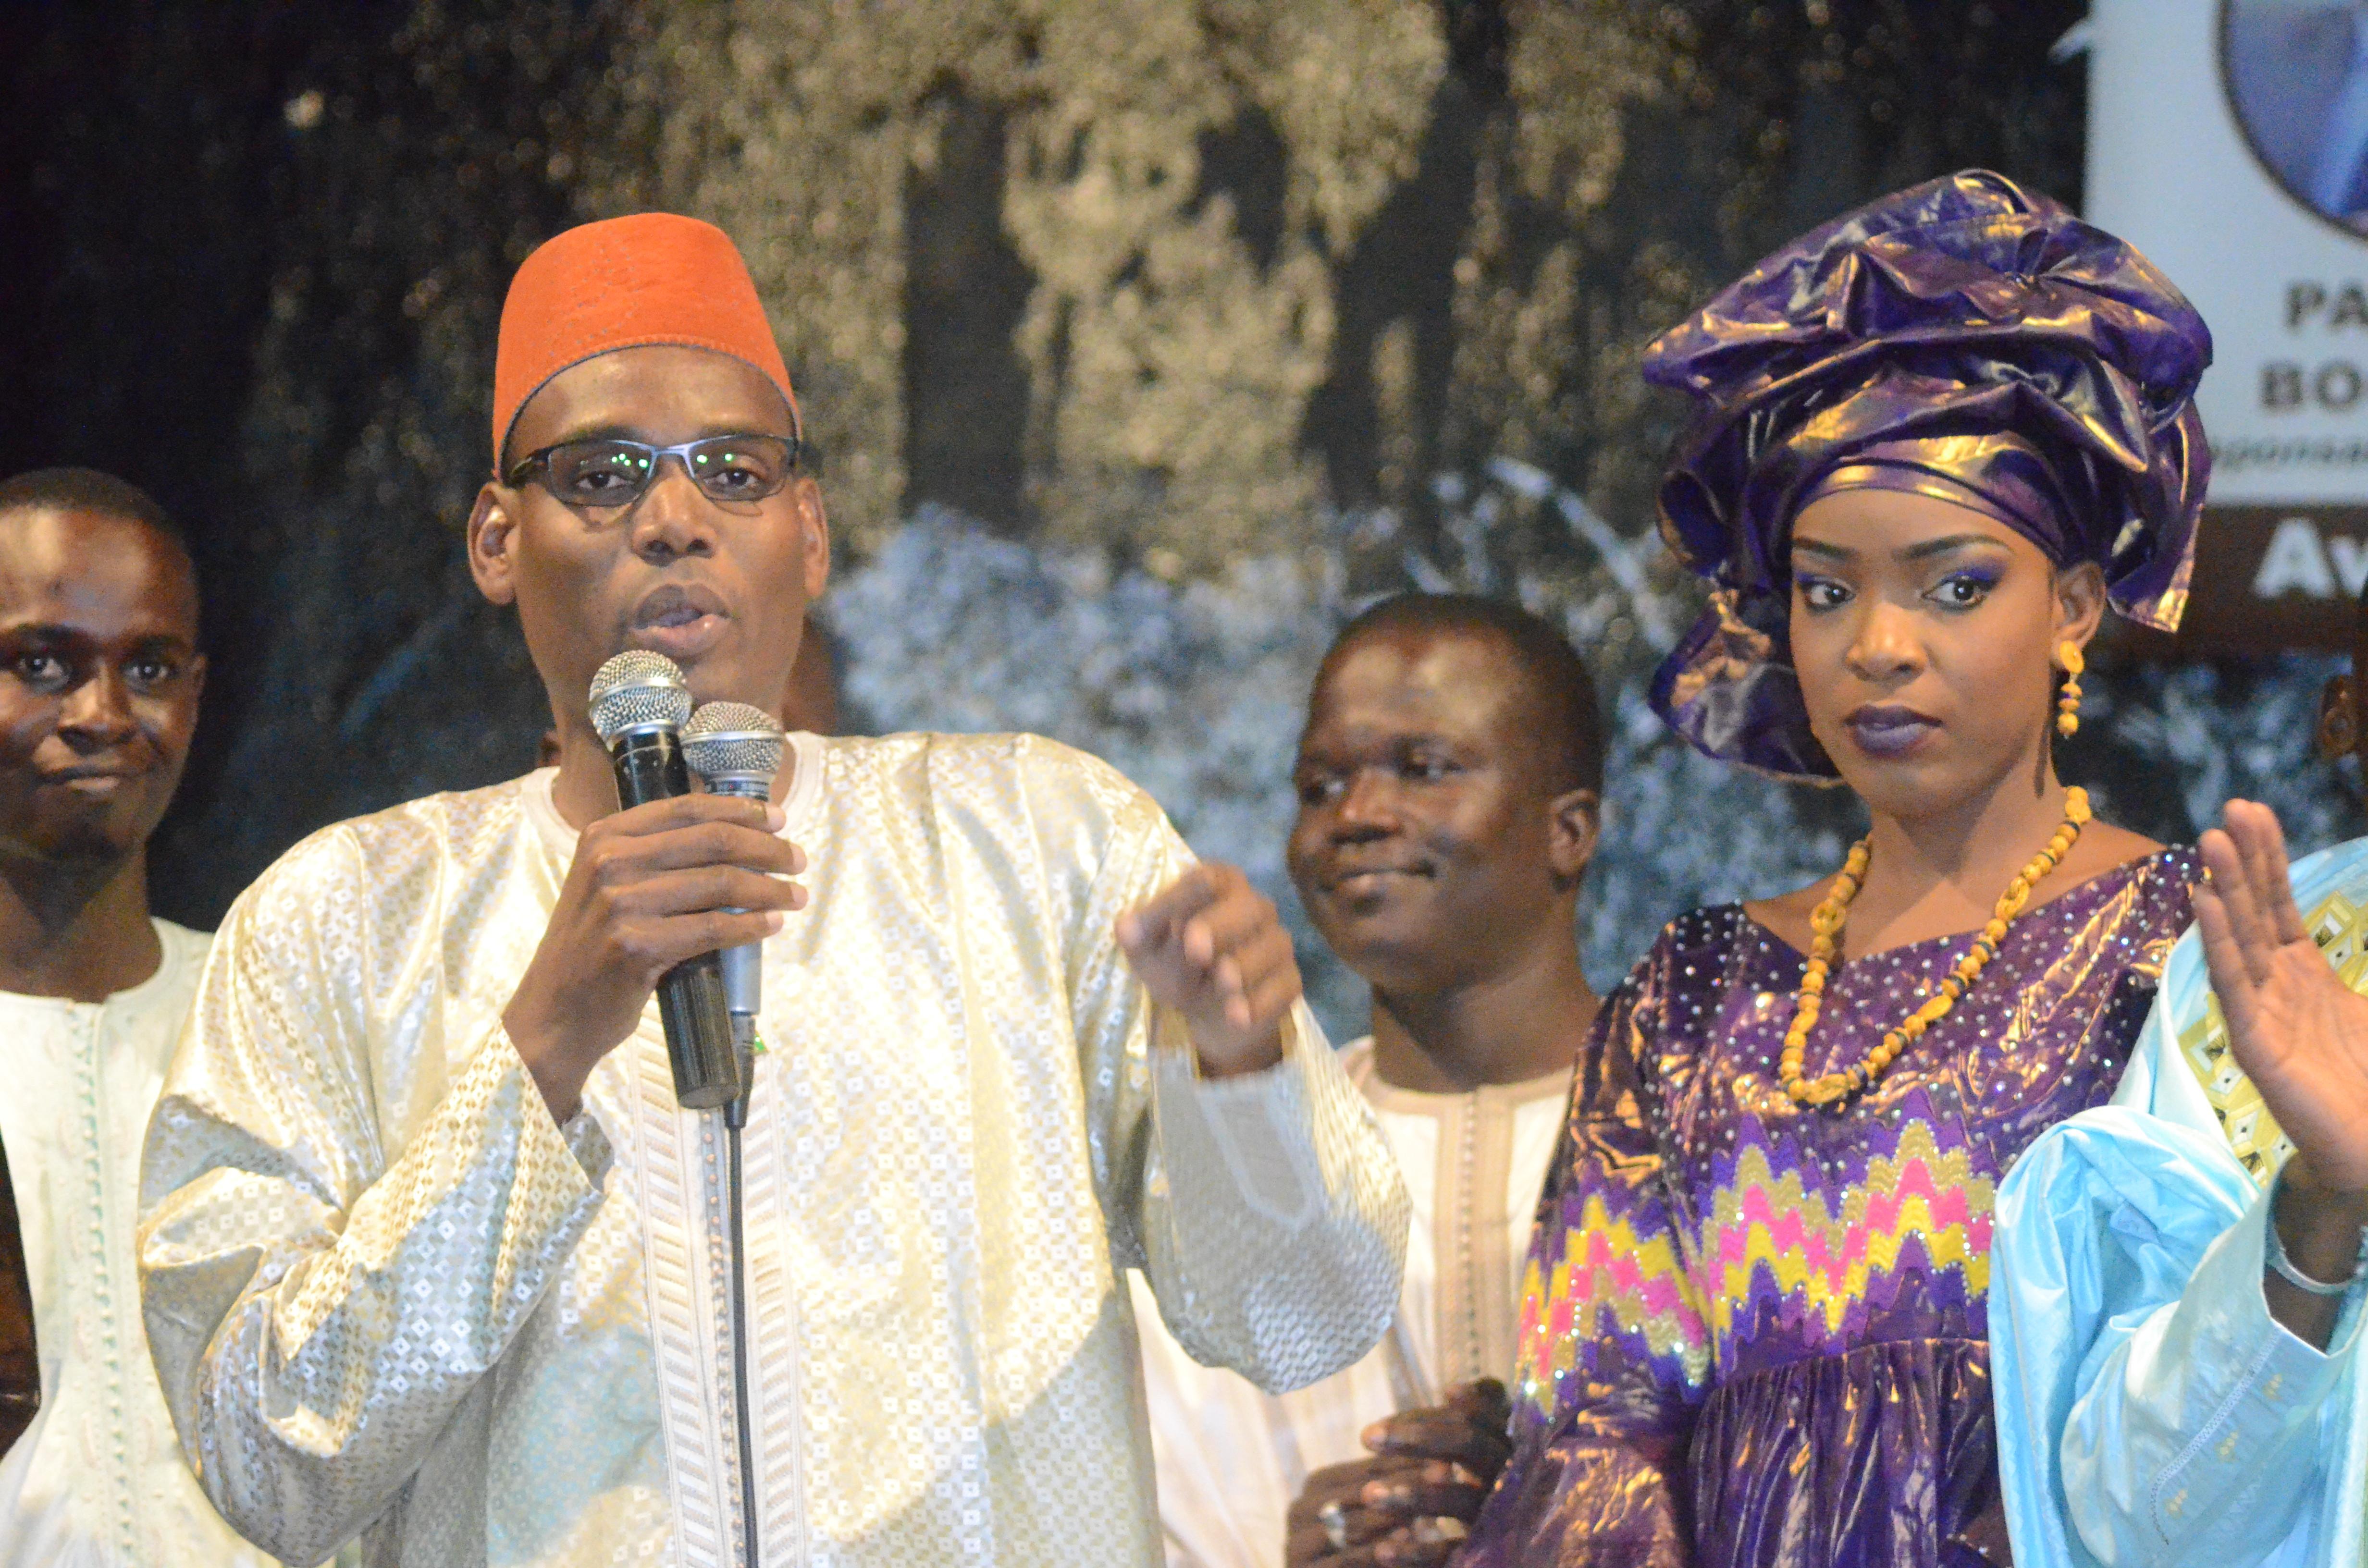 Première Edition soirée culturelle de l'Association Boyinadji Ma fierté de Bokidiawé, le parrain Bocar Abdoulaye Ly appelle à l'union des cœurs (50)